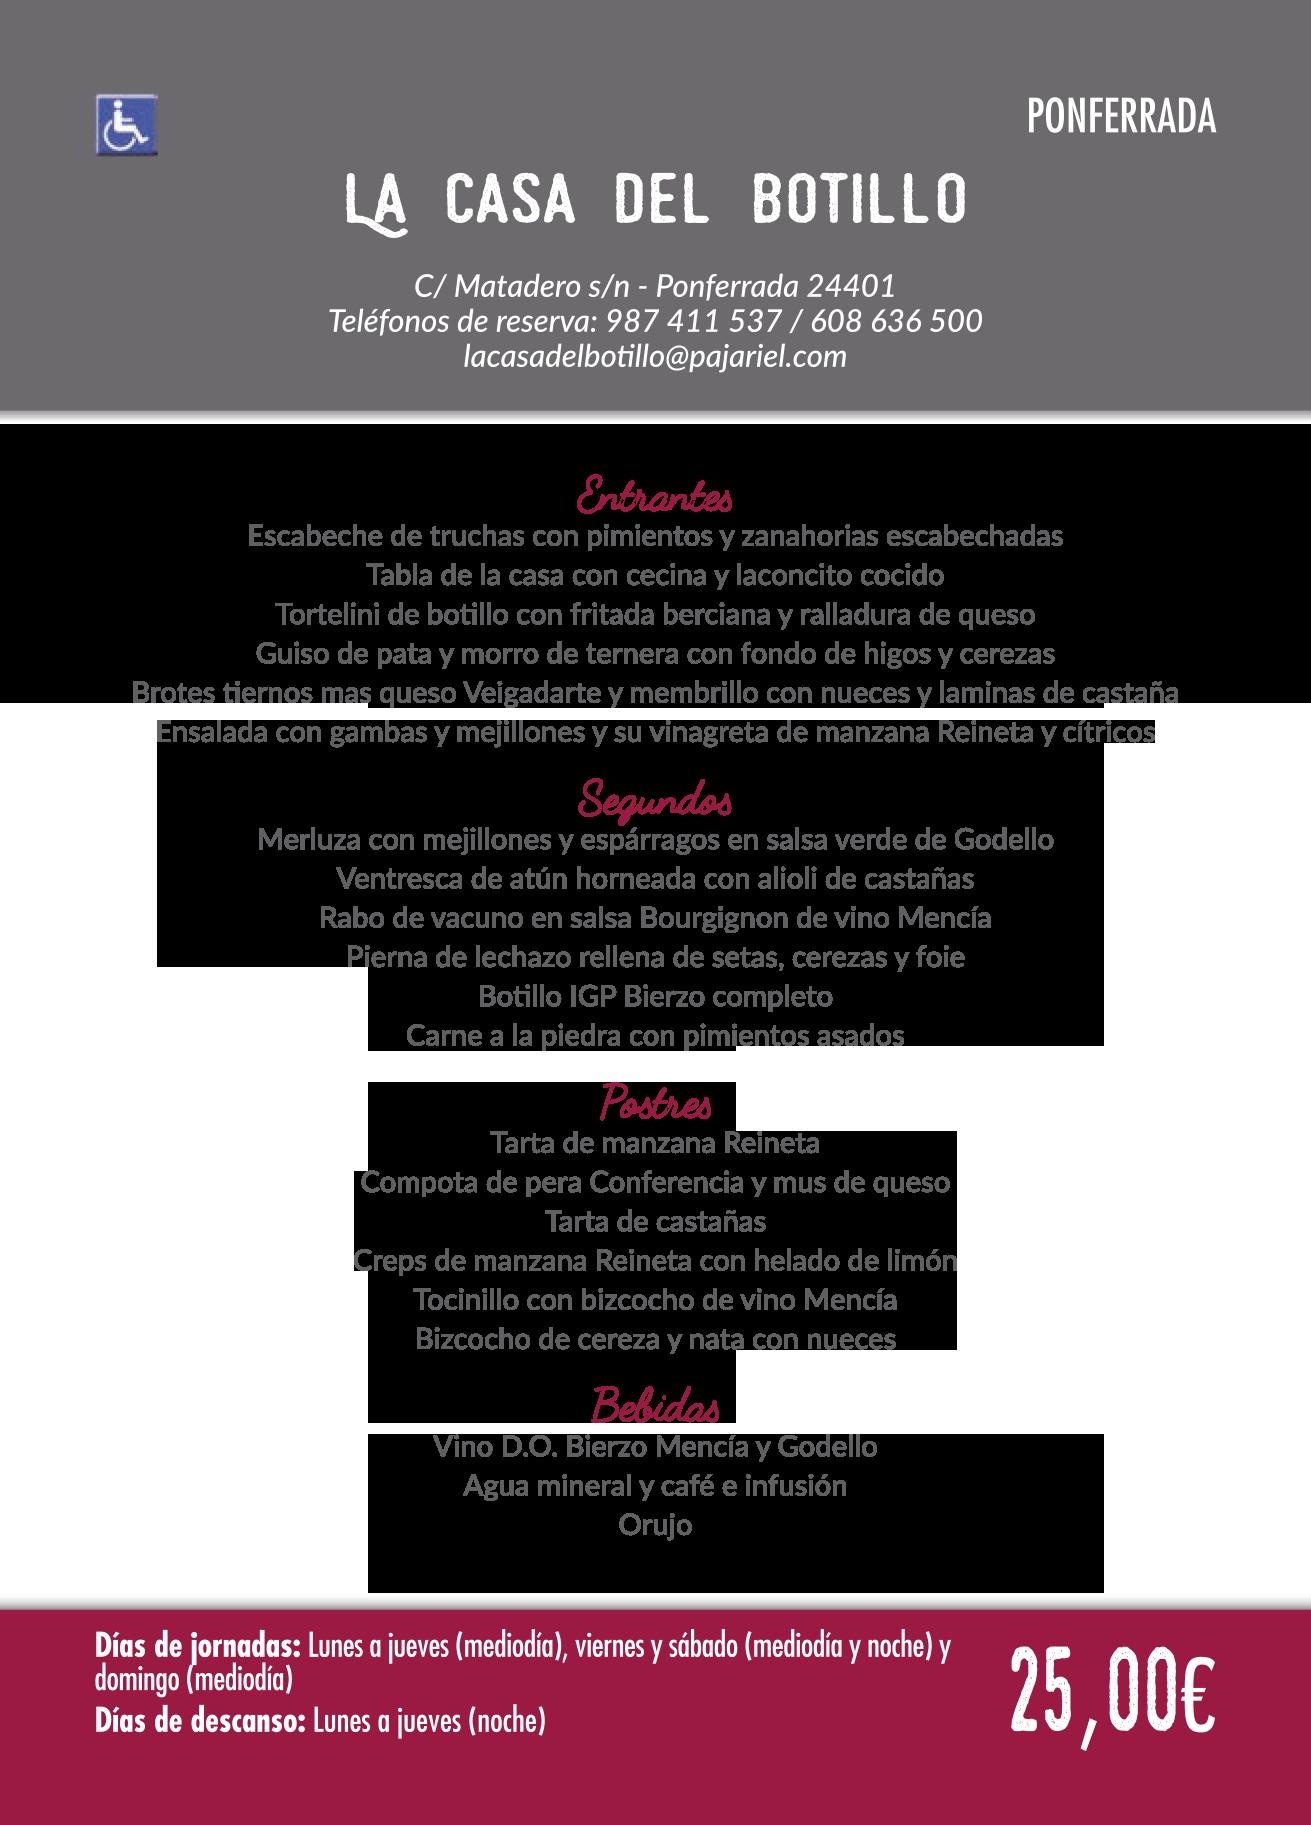 Las Jornadas Gastronómicas del Bierzo llegan a su 35 edición. Consulta los menús de esta edición 18